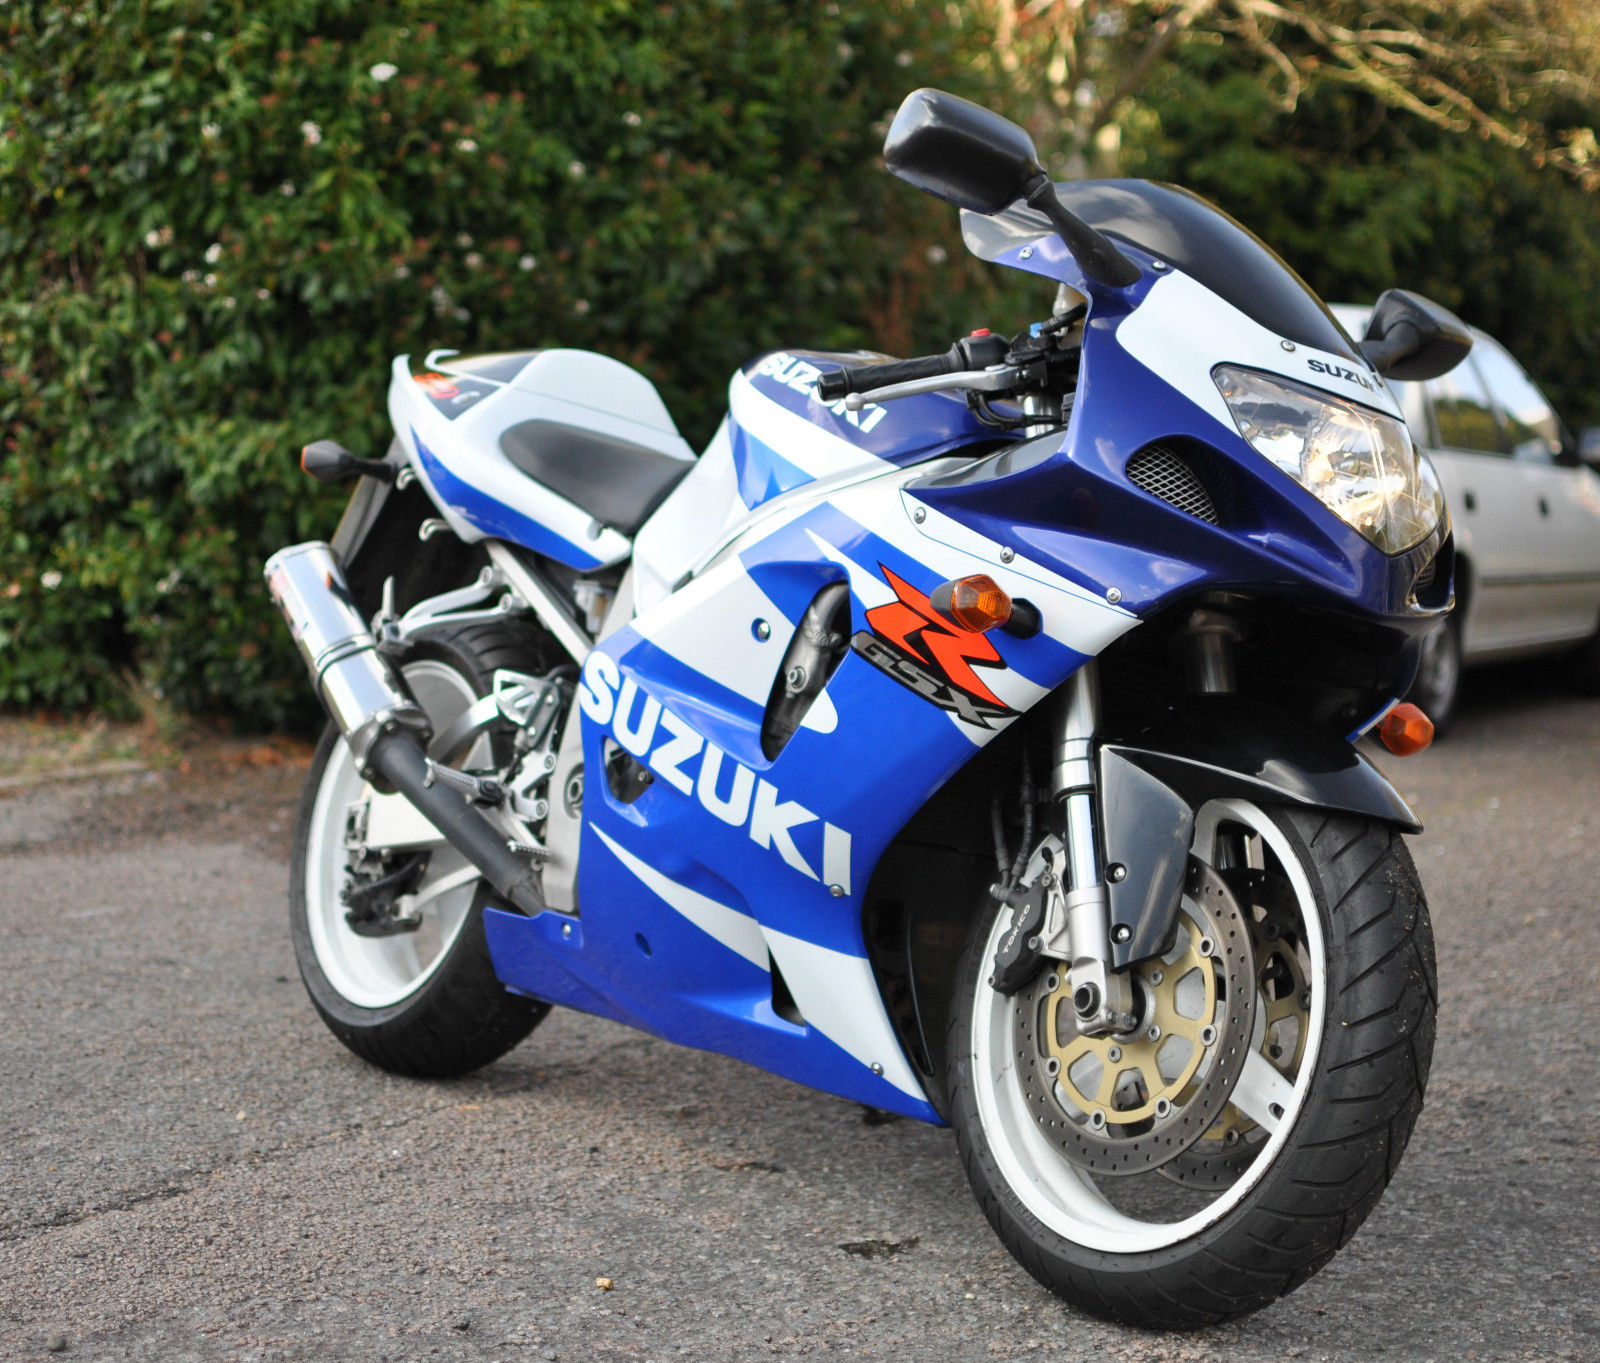 2002 Suzuki GSX-R750 K1, very clean GSXR 750, low mileage